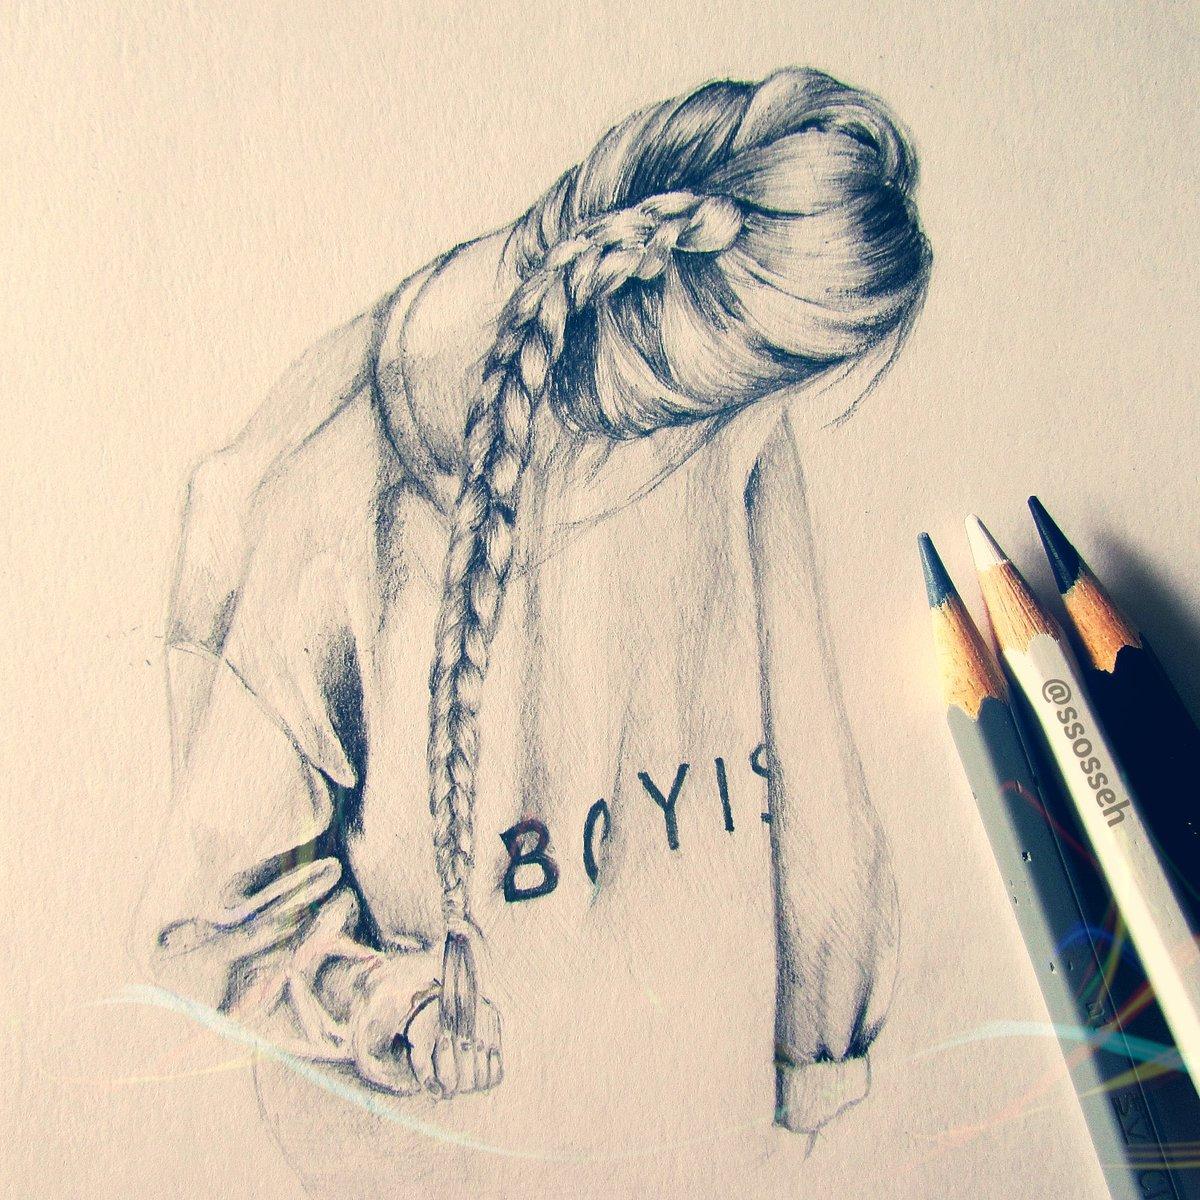 День картинка, классные картинки карандашом девушек